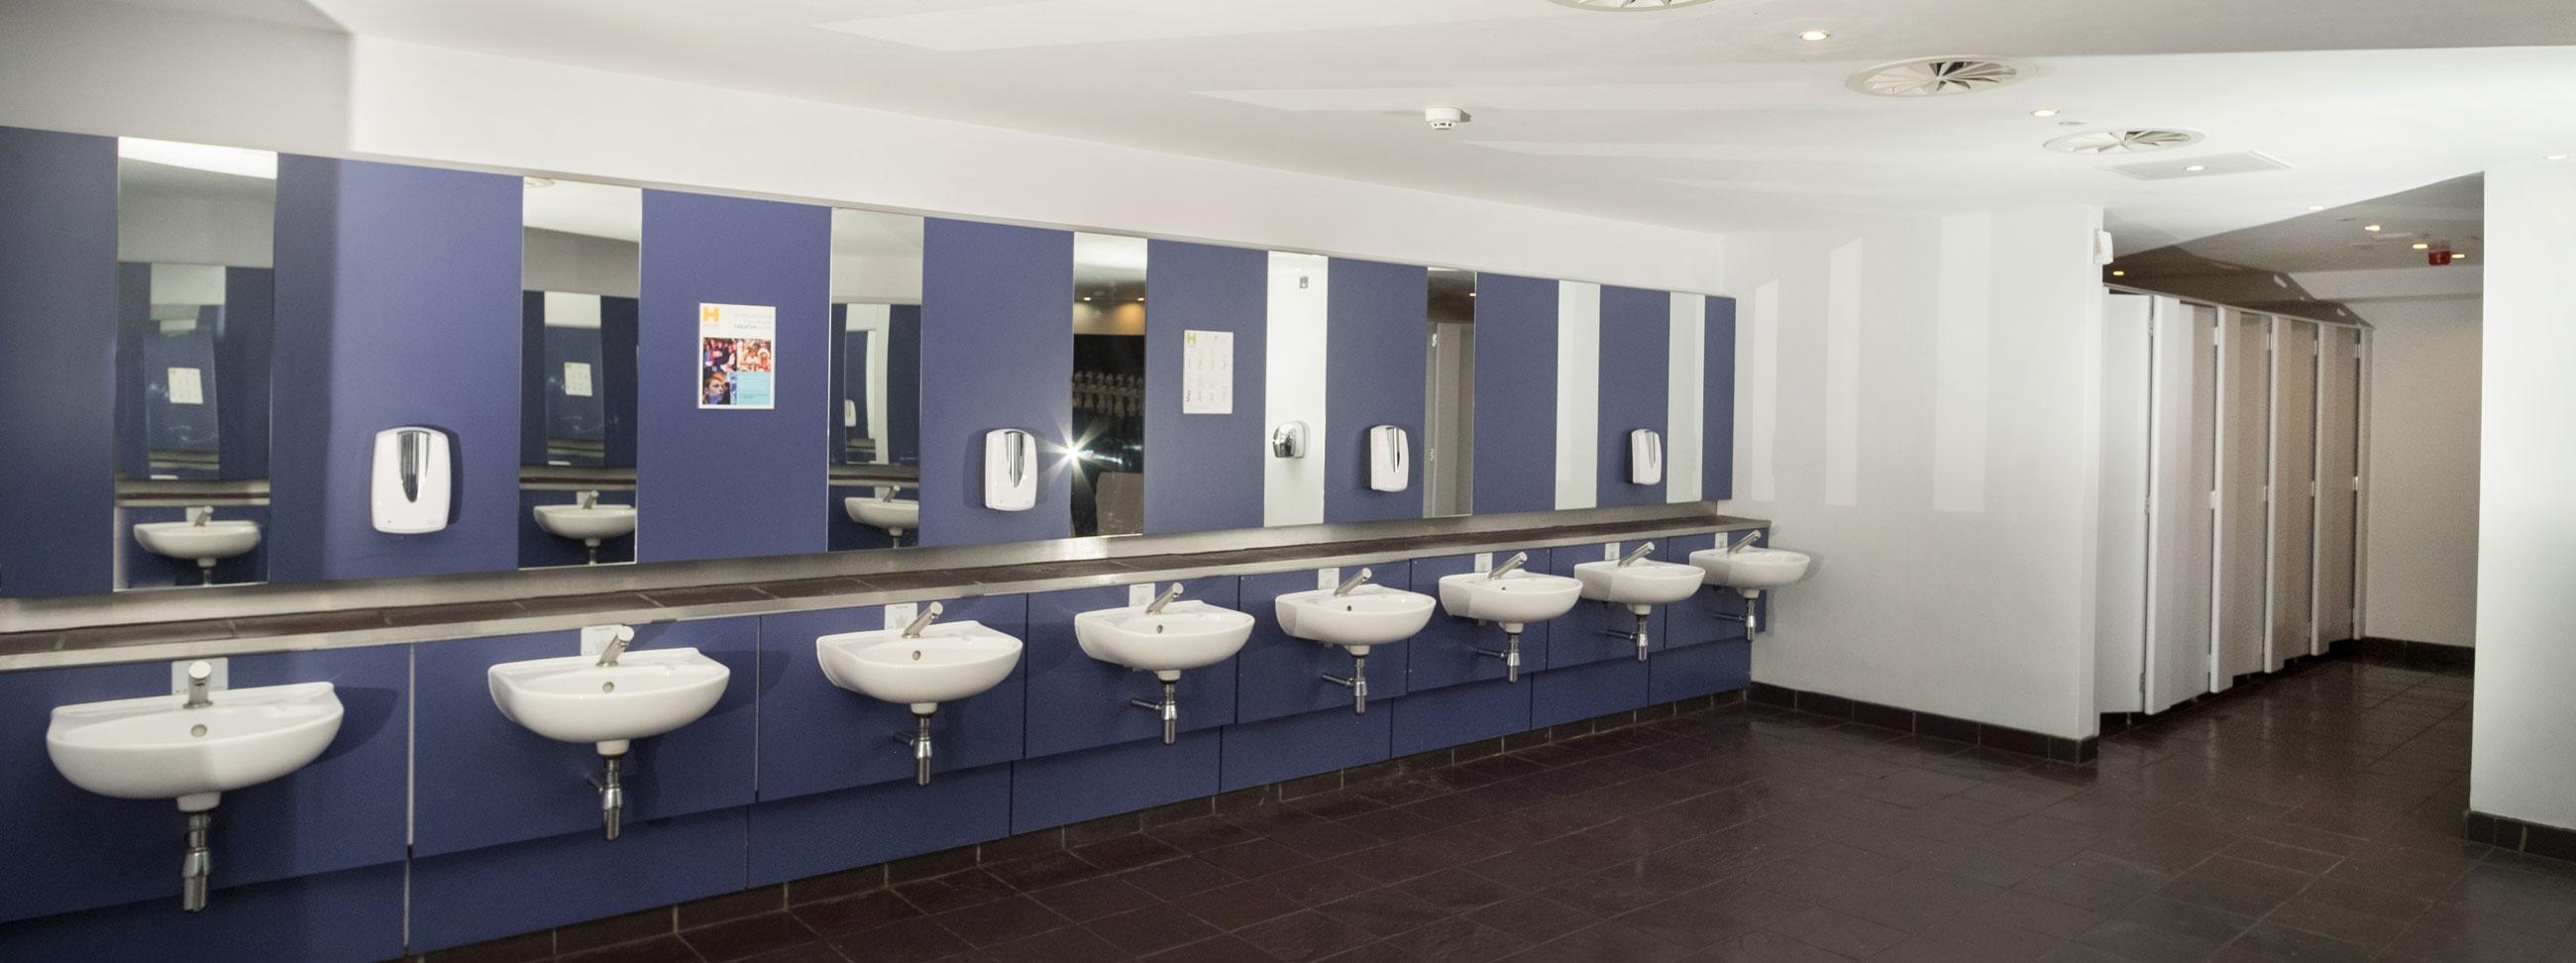 Modern Bathroom Hygenie Birmingham UK